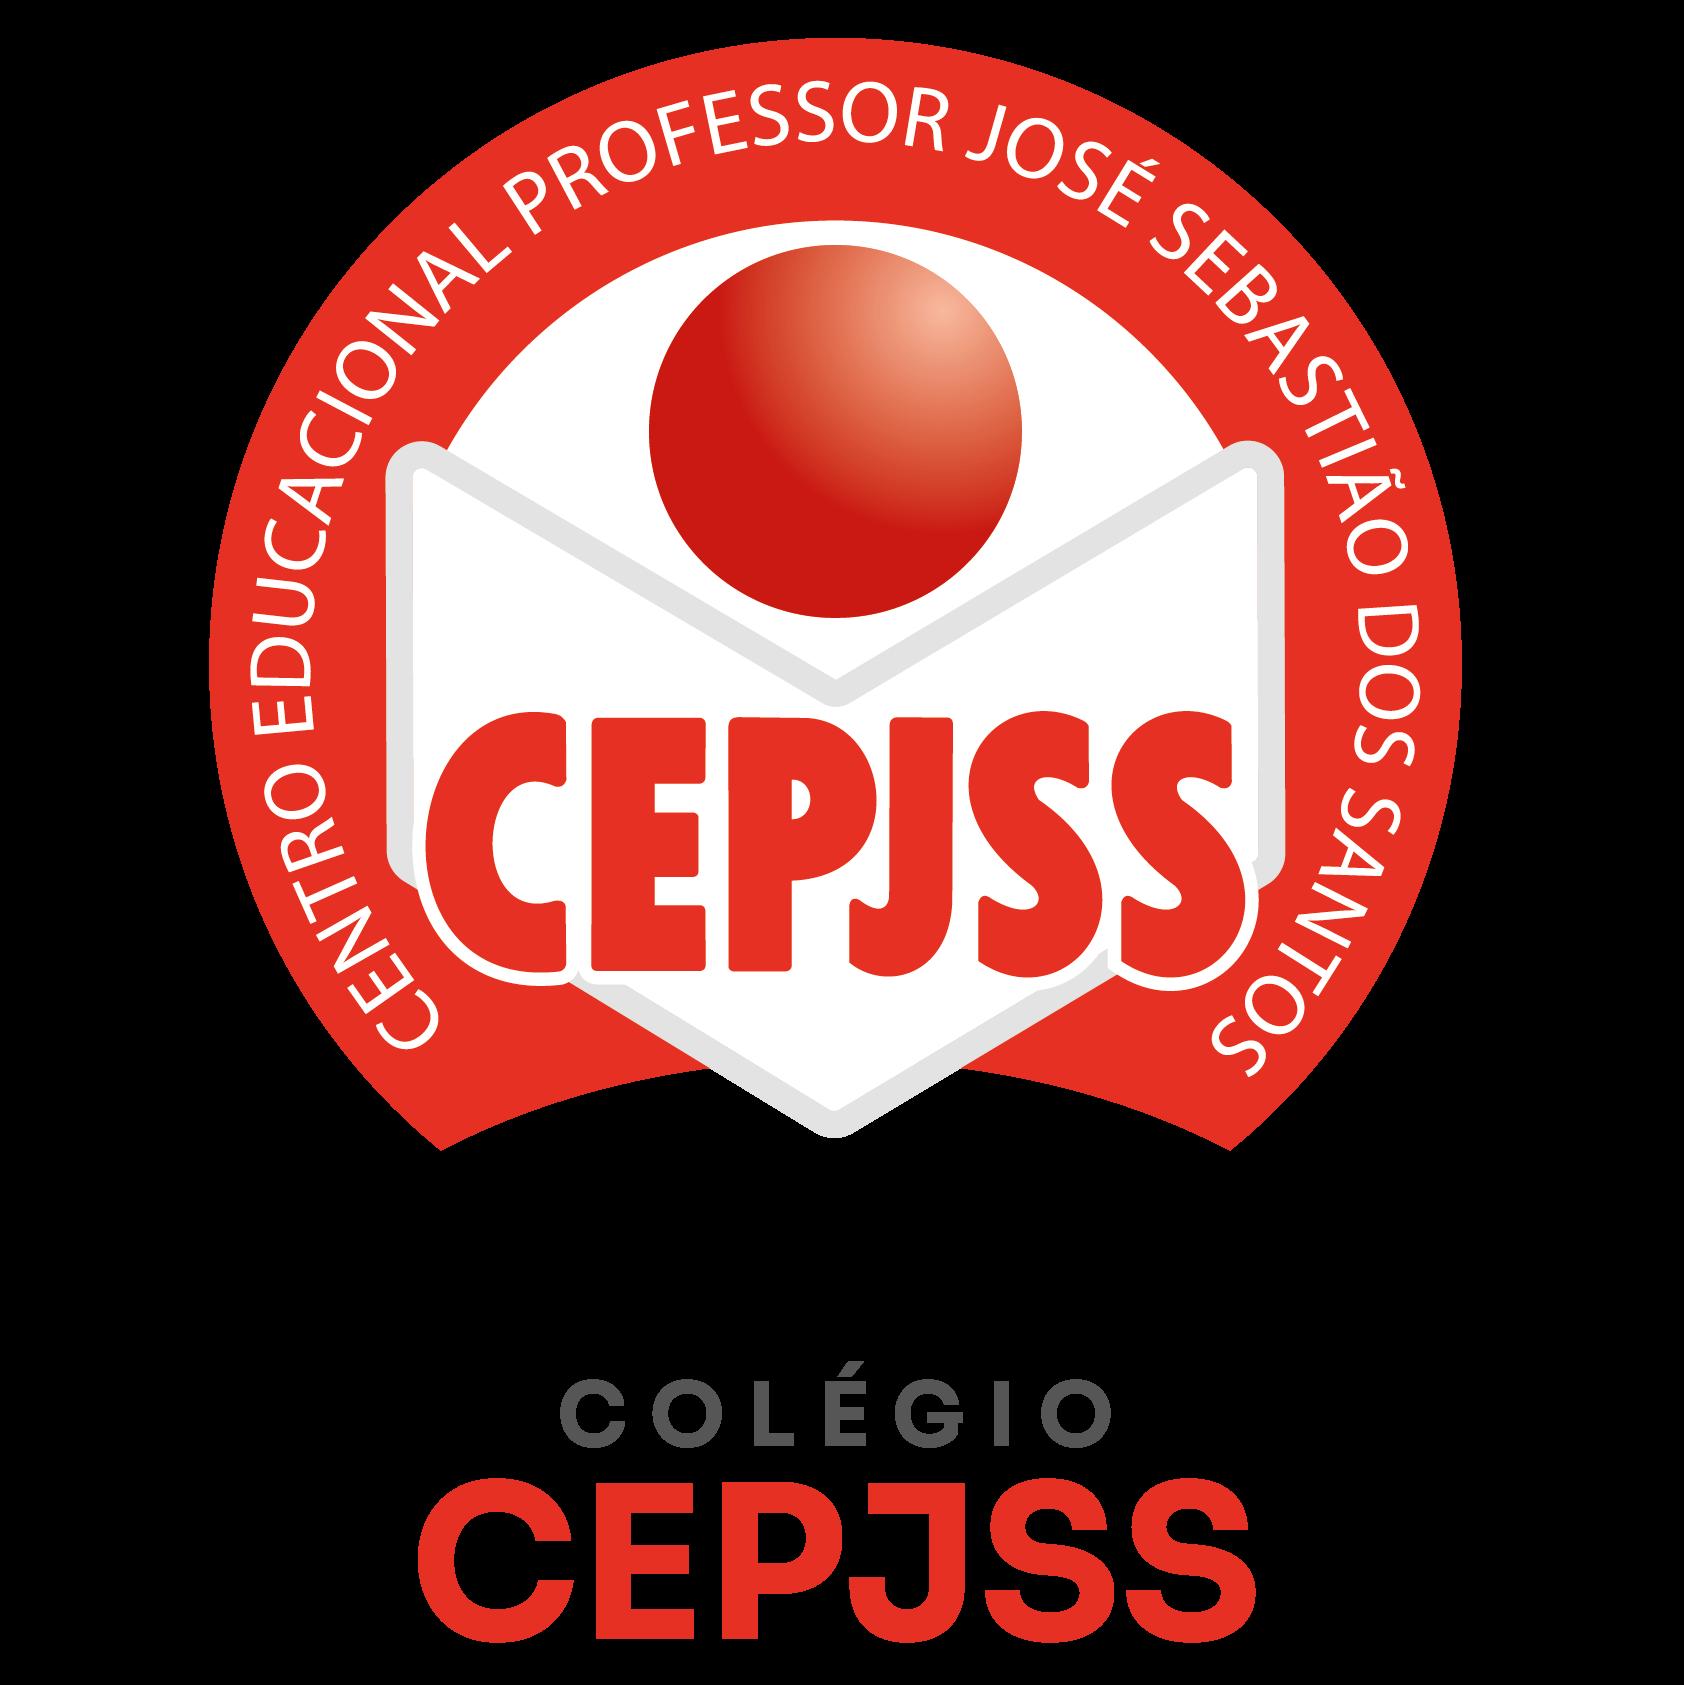 COLEGIO CEPJSS